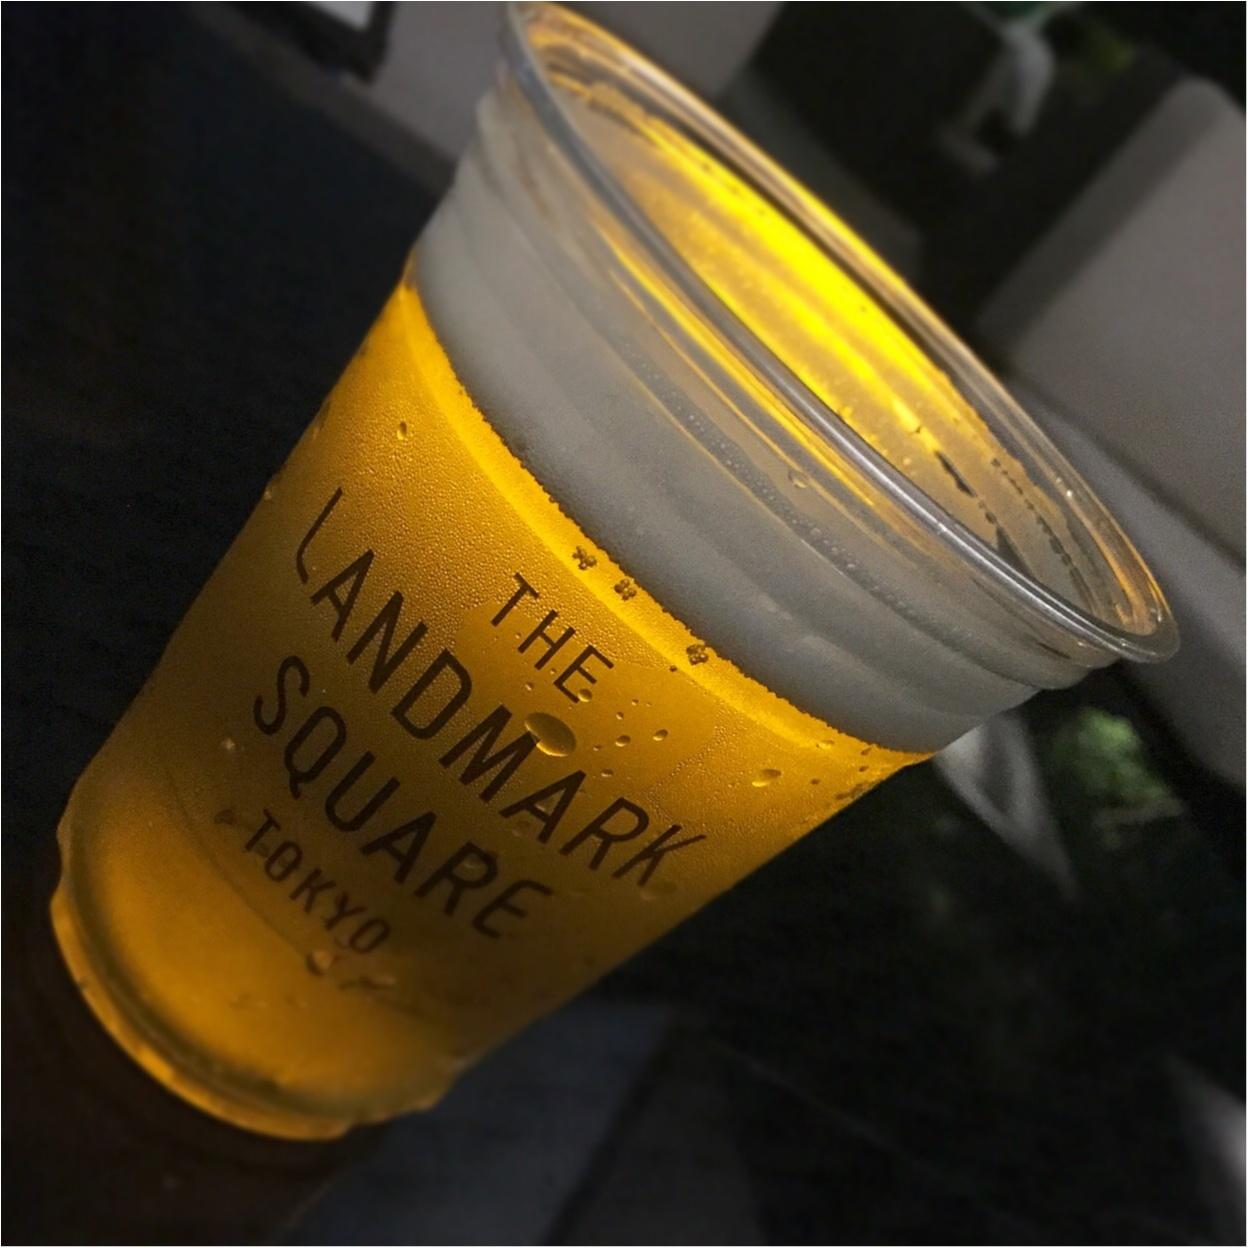 料理も最高♡1ランク上のビアガーデンで優雅なひとときを過ごすなら✨バースデーサプライズにもお薦め♪【THE LANDMARK SQUARE TOKYO】_8